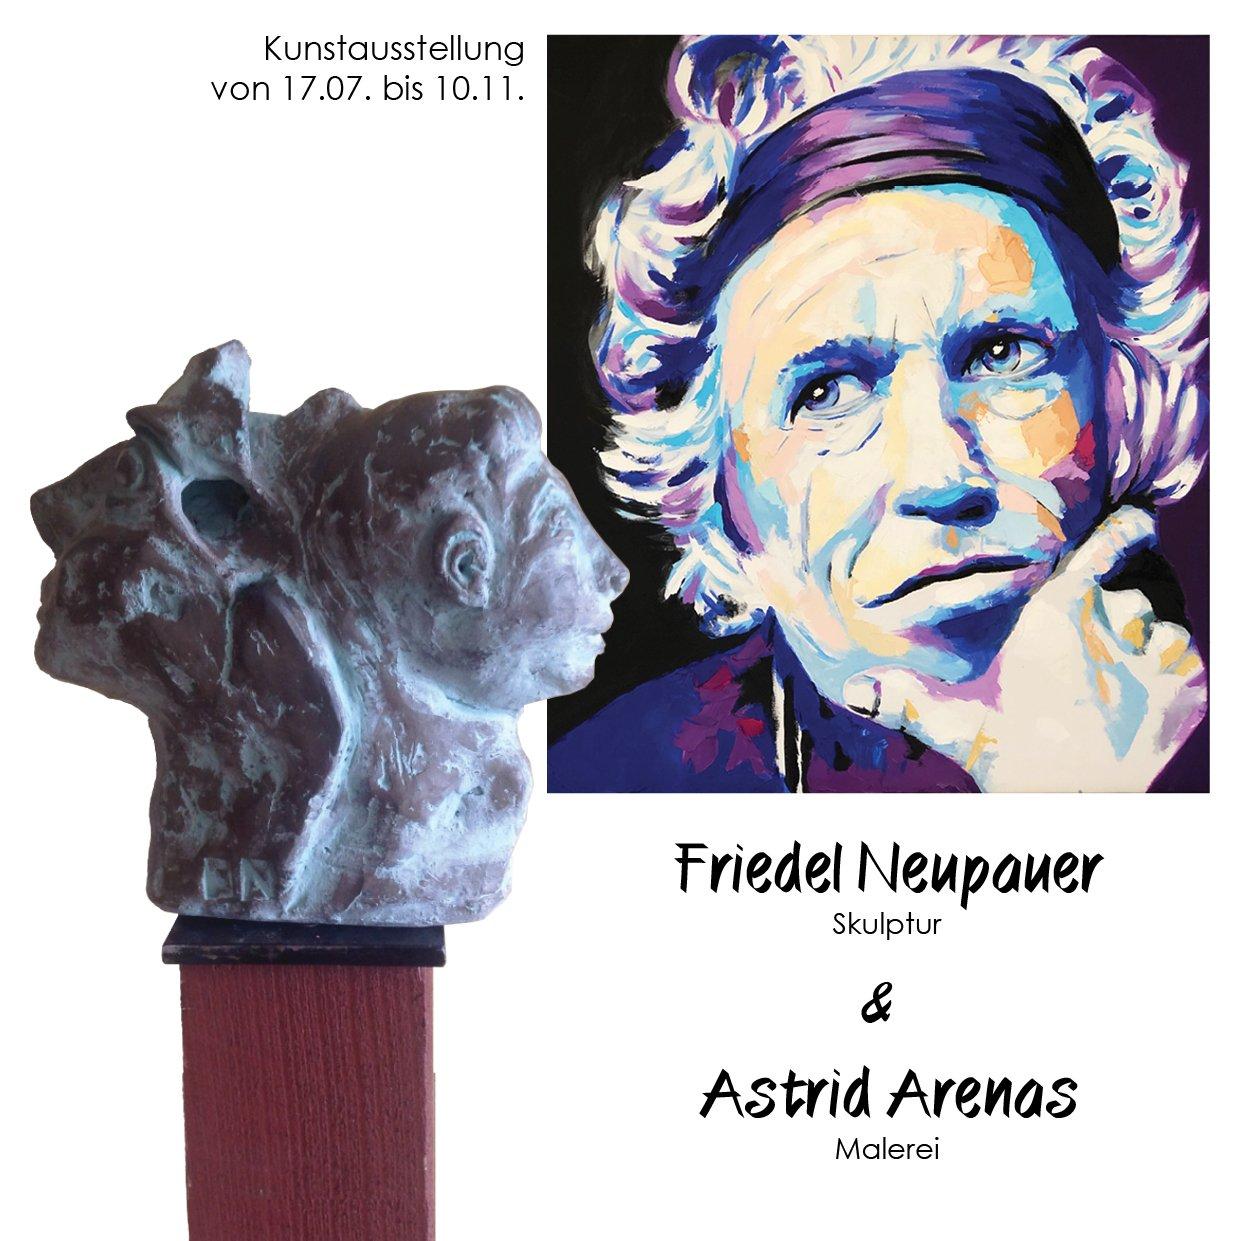 Friedel Neupauer & Astrid Arenas